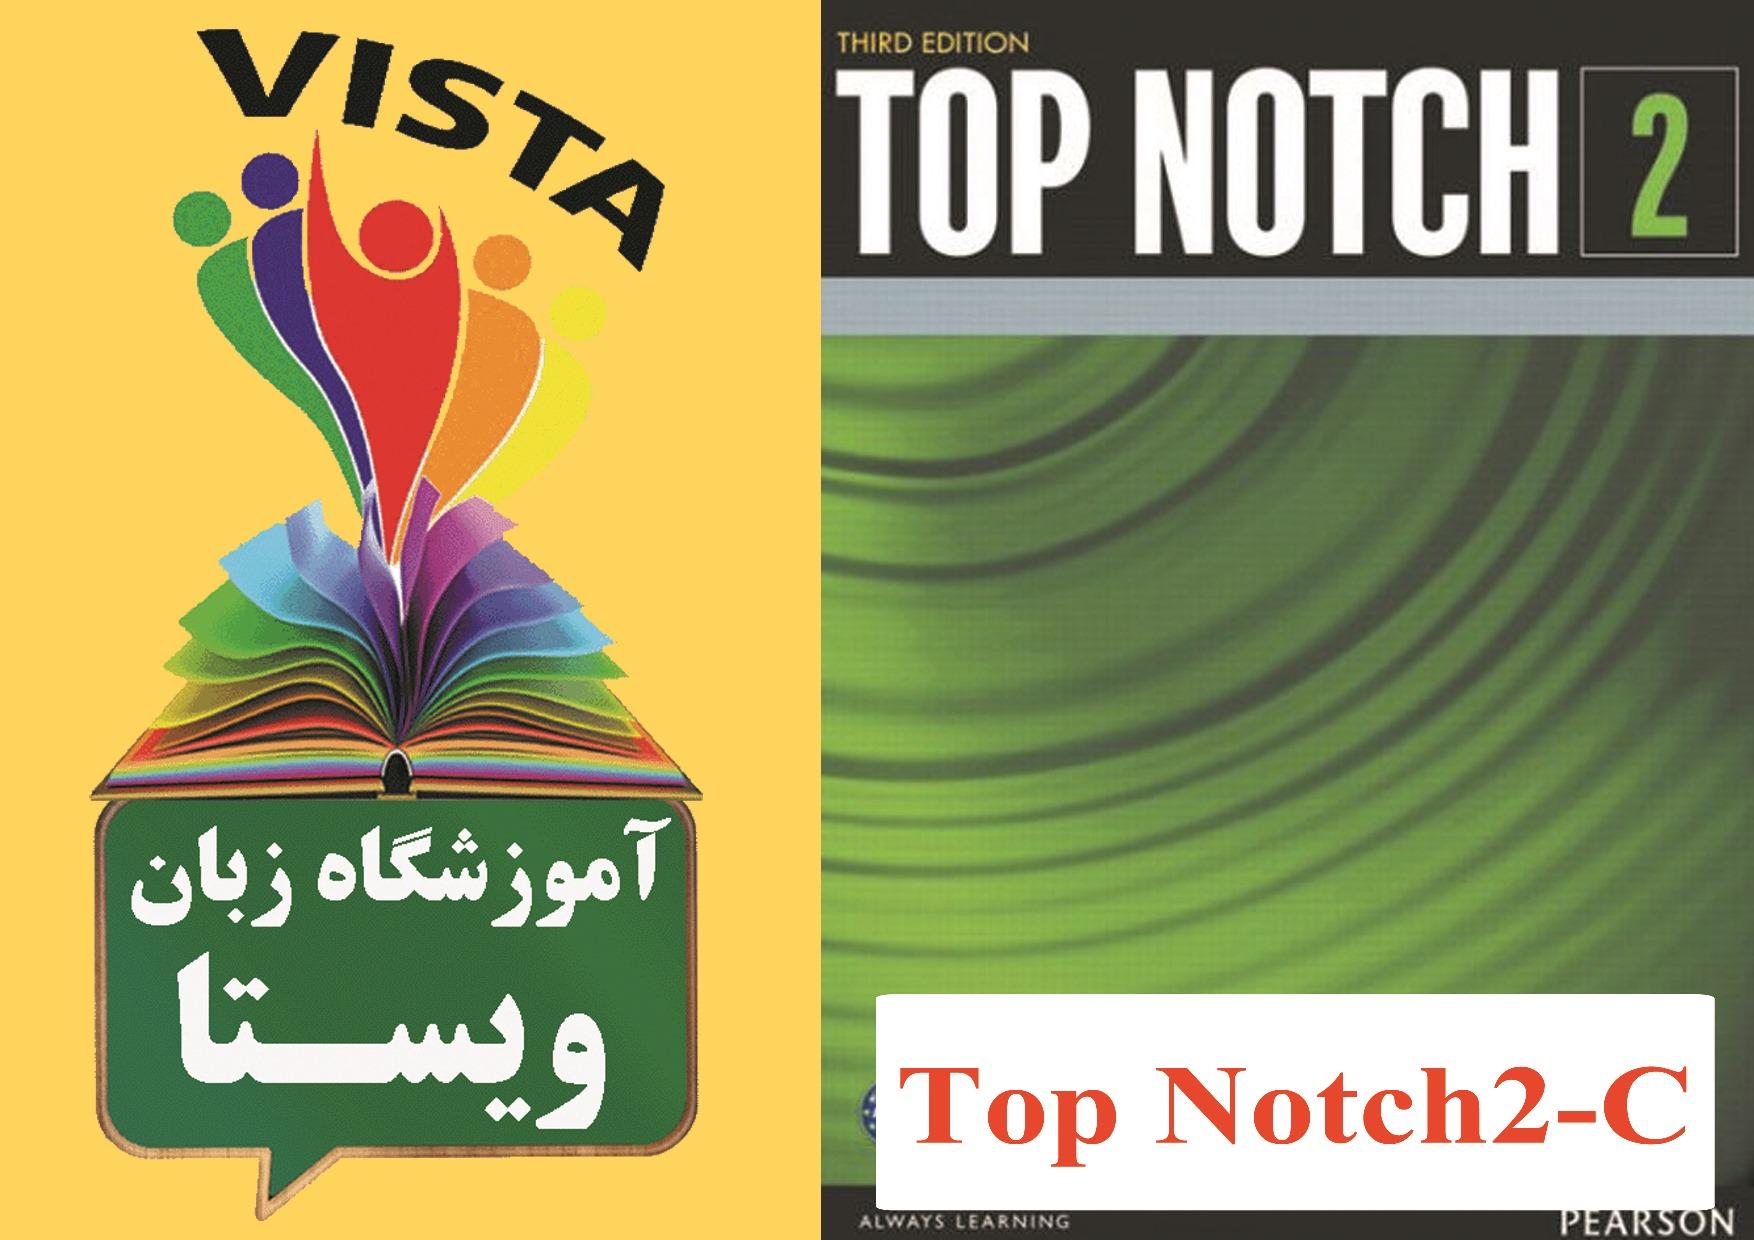 دوره Top Notch2C آموزشگاه زبان ویستا